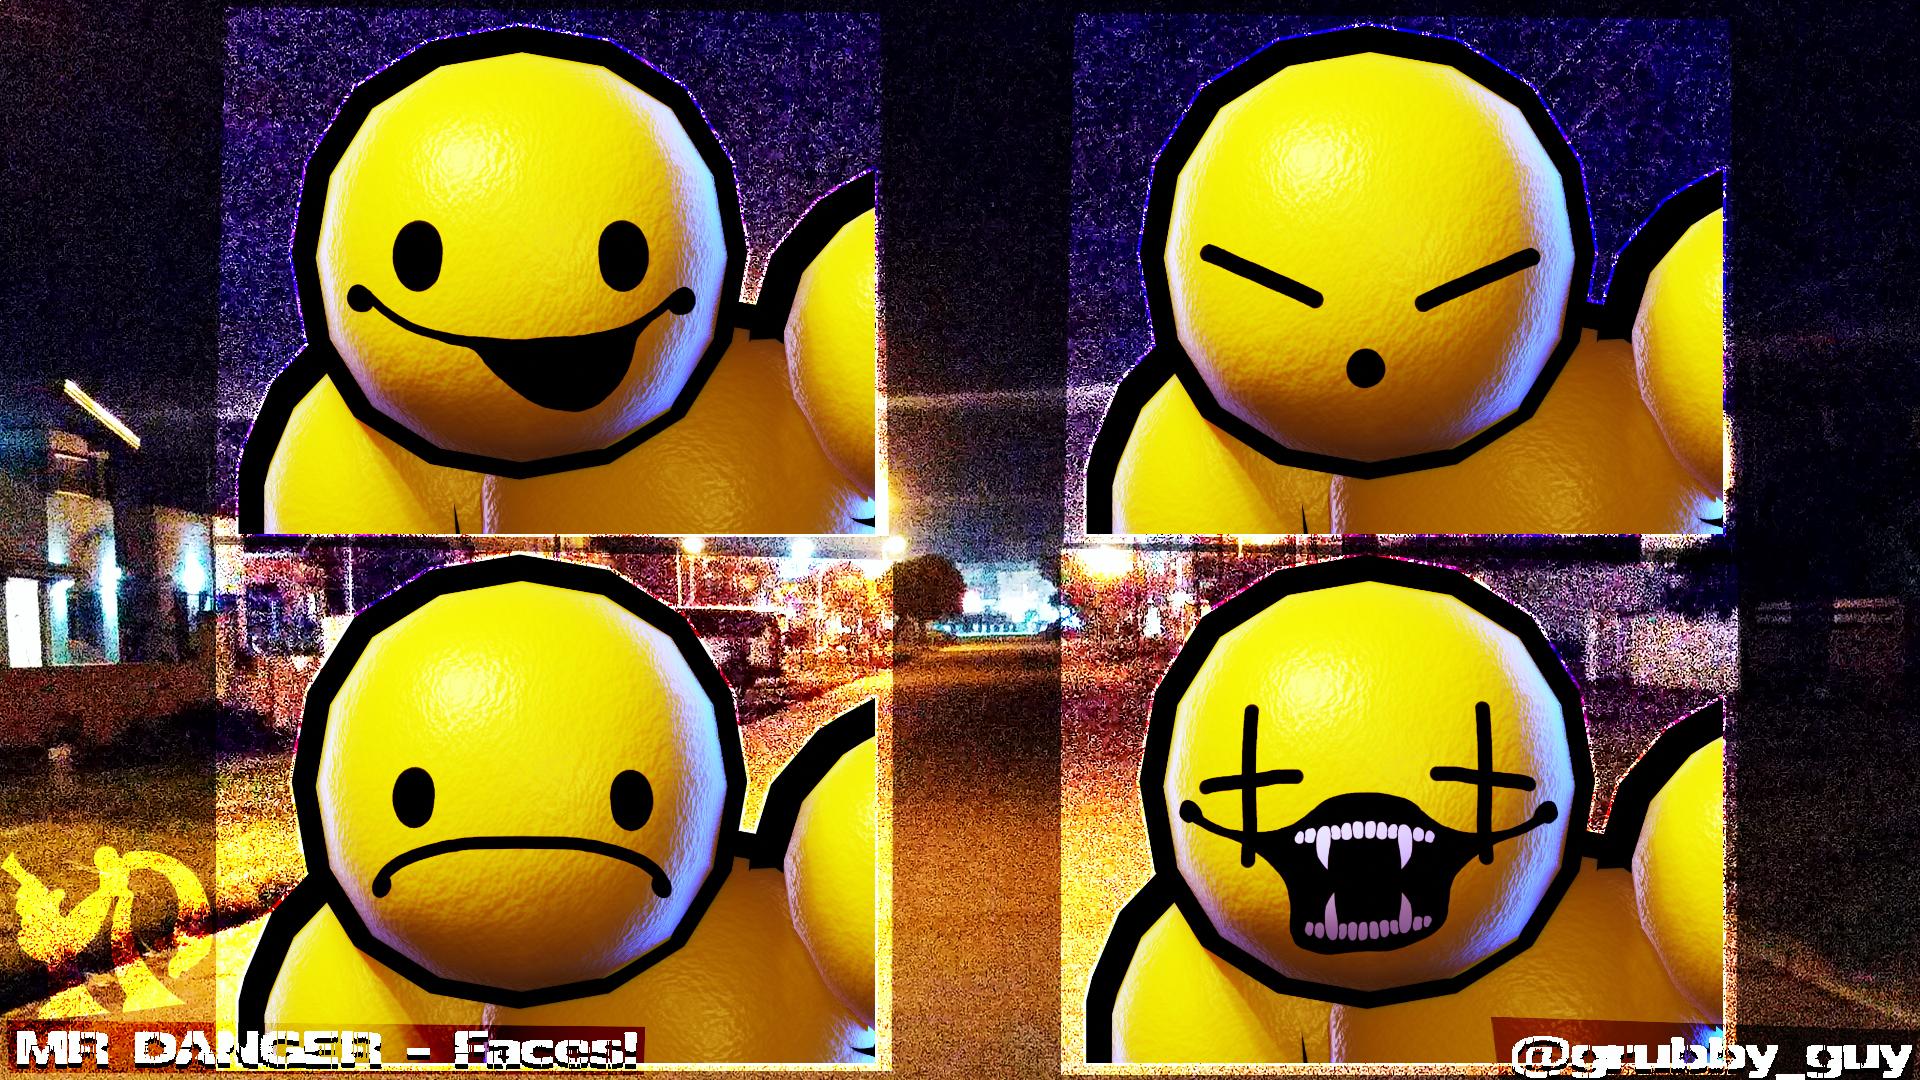 MR DANGER - 3D FACES!